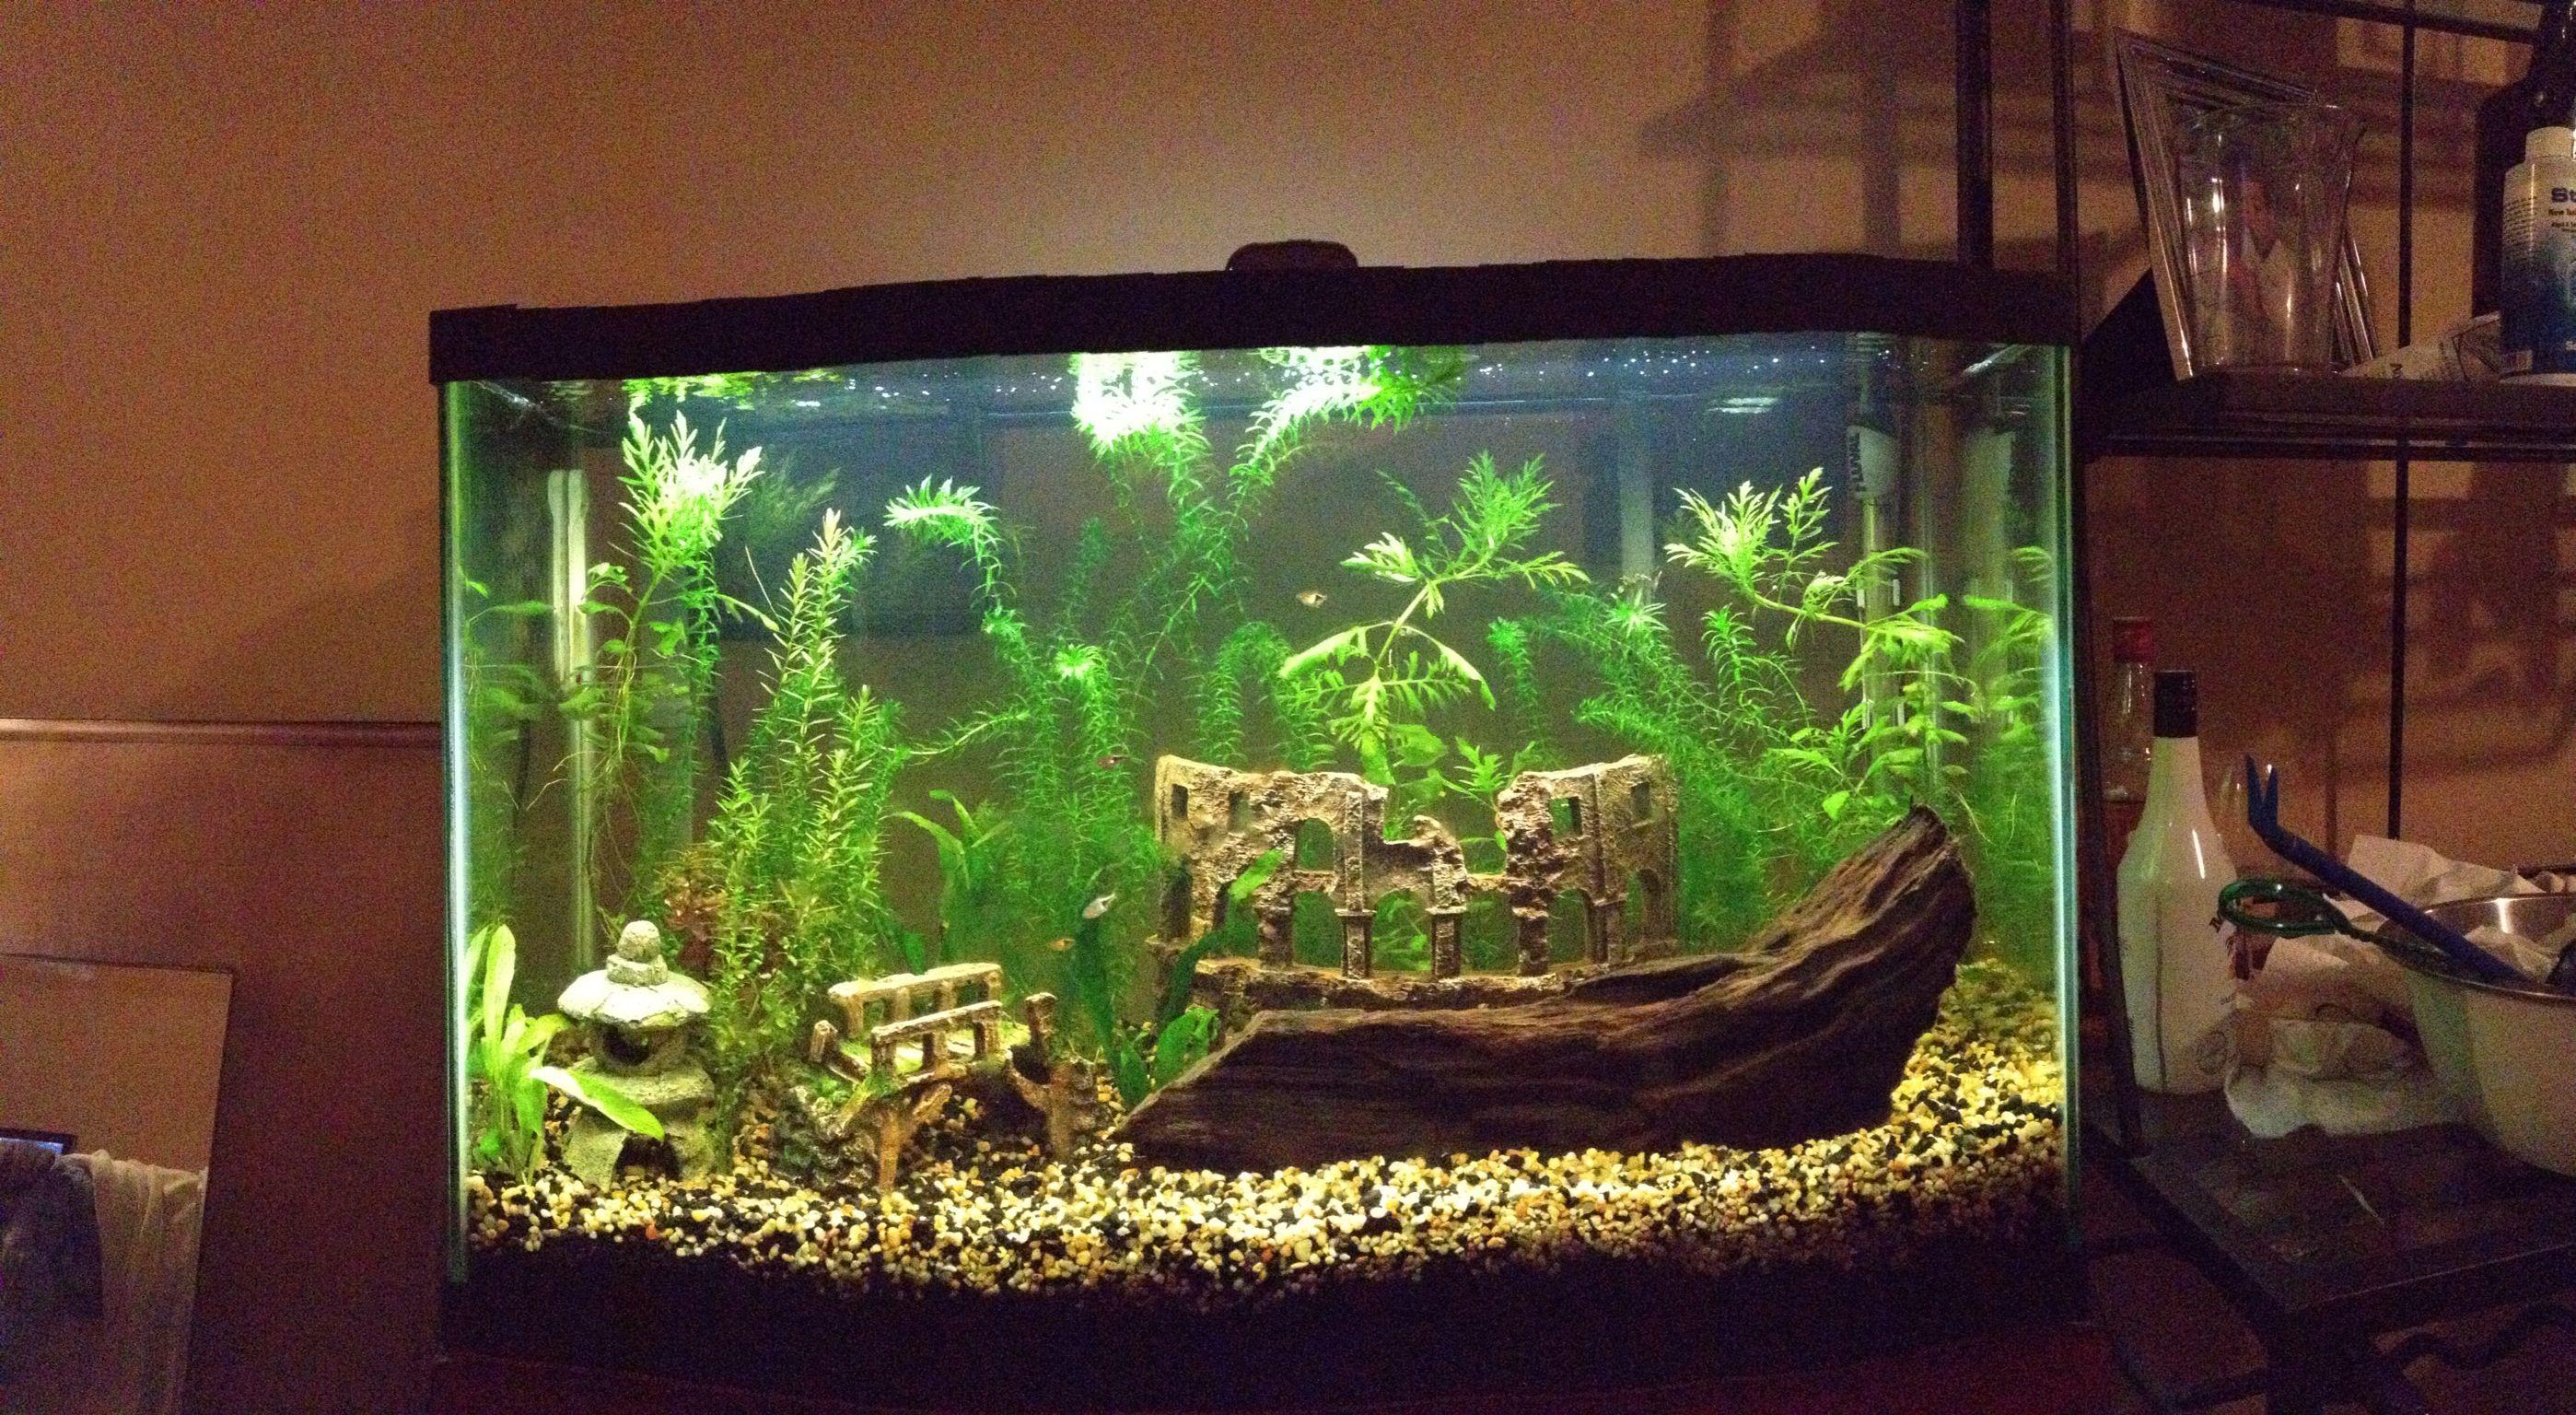 430bbe17a1912e8afee67b854b793d86 Frais De Aquarium Tropical Schème